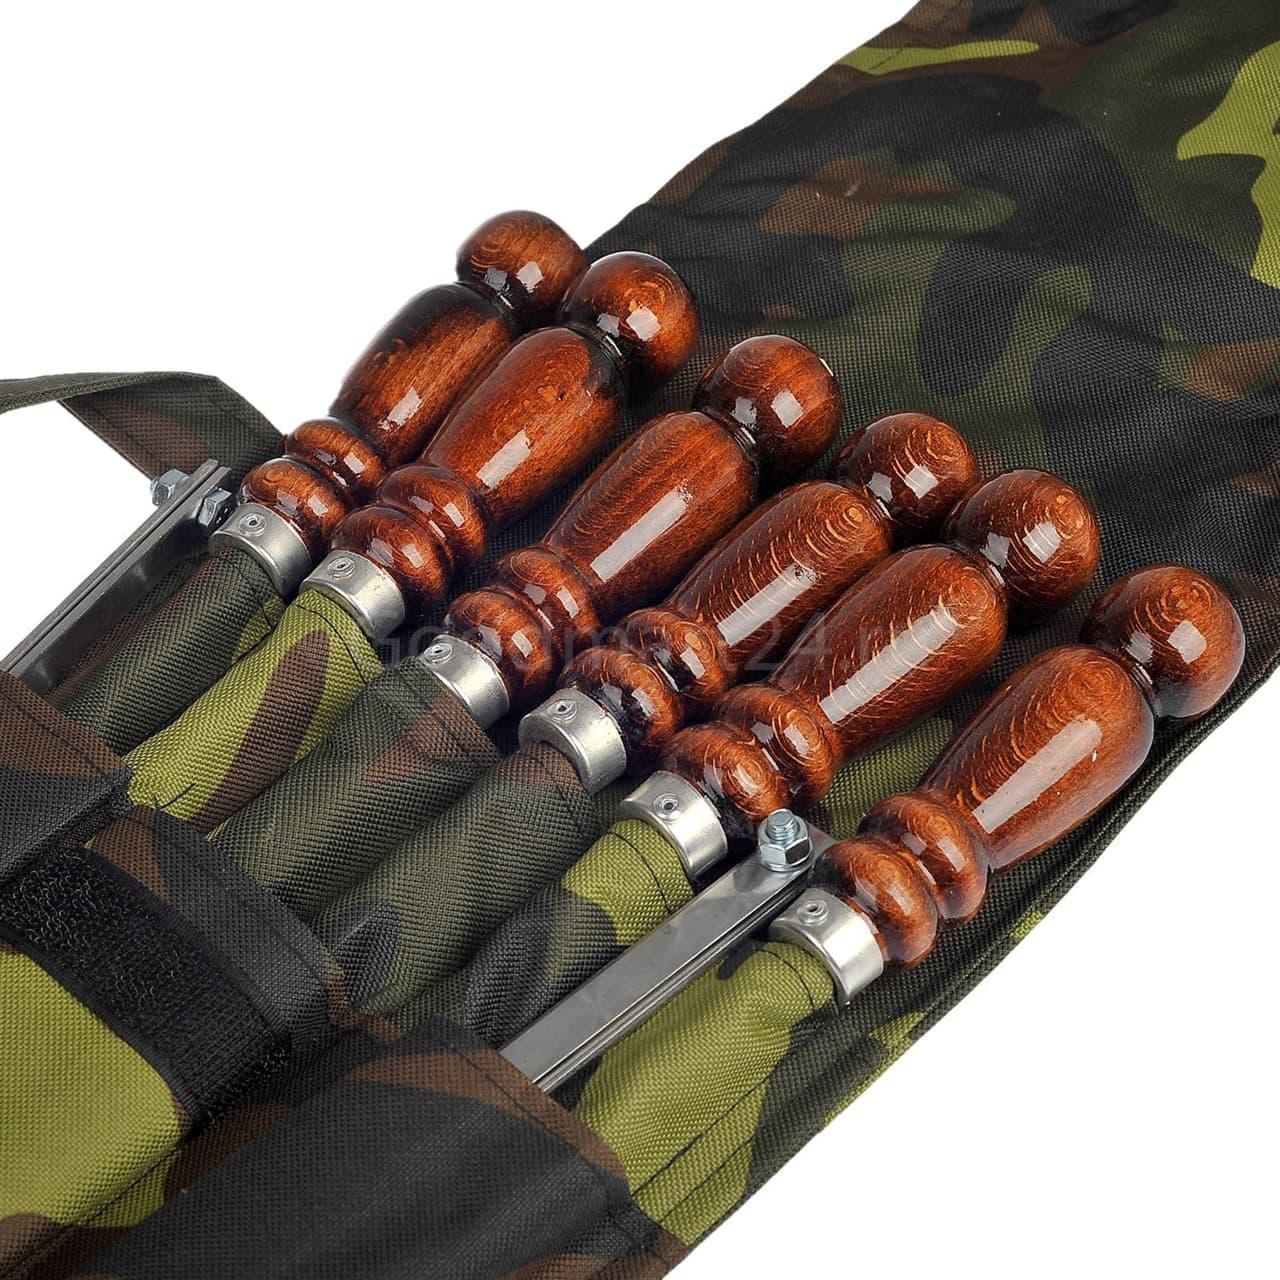 Набор шампуров в чехле, 500х12х3 мм. нерж, дер/ручка, таганок - фото 11294